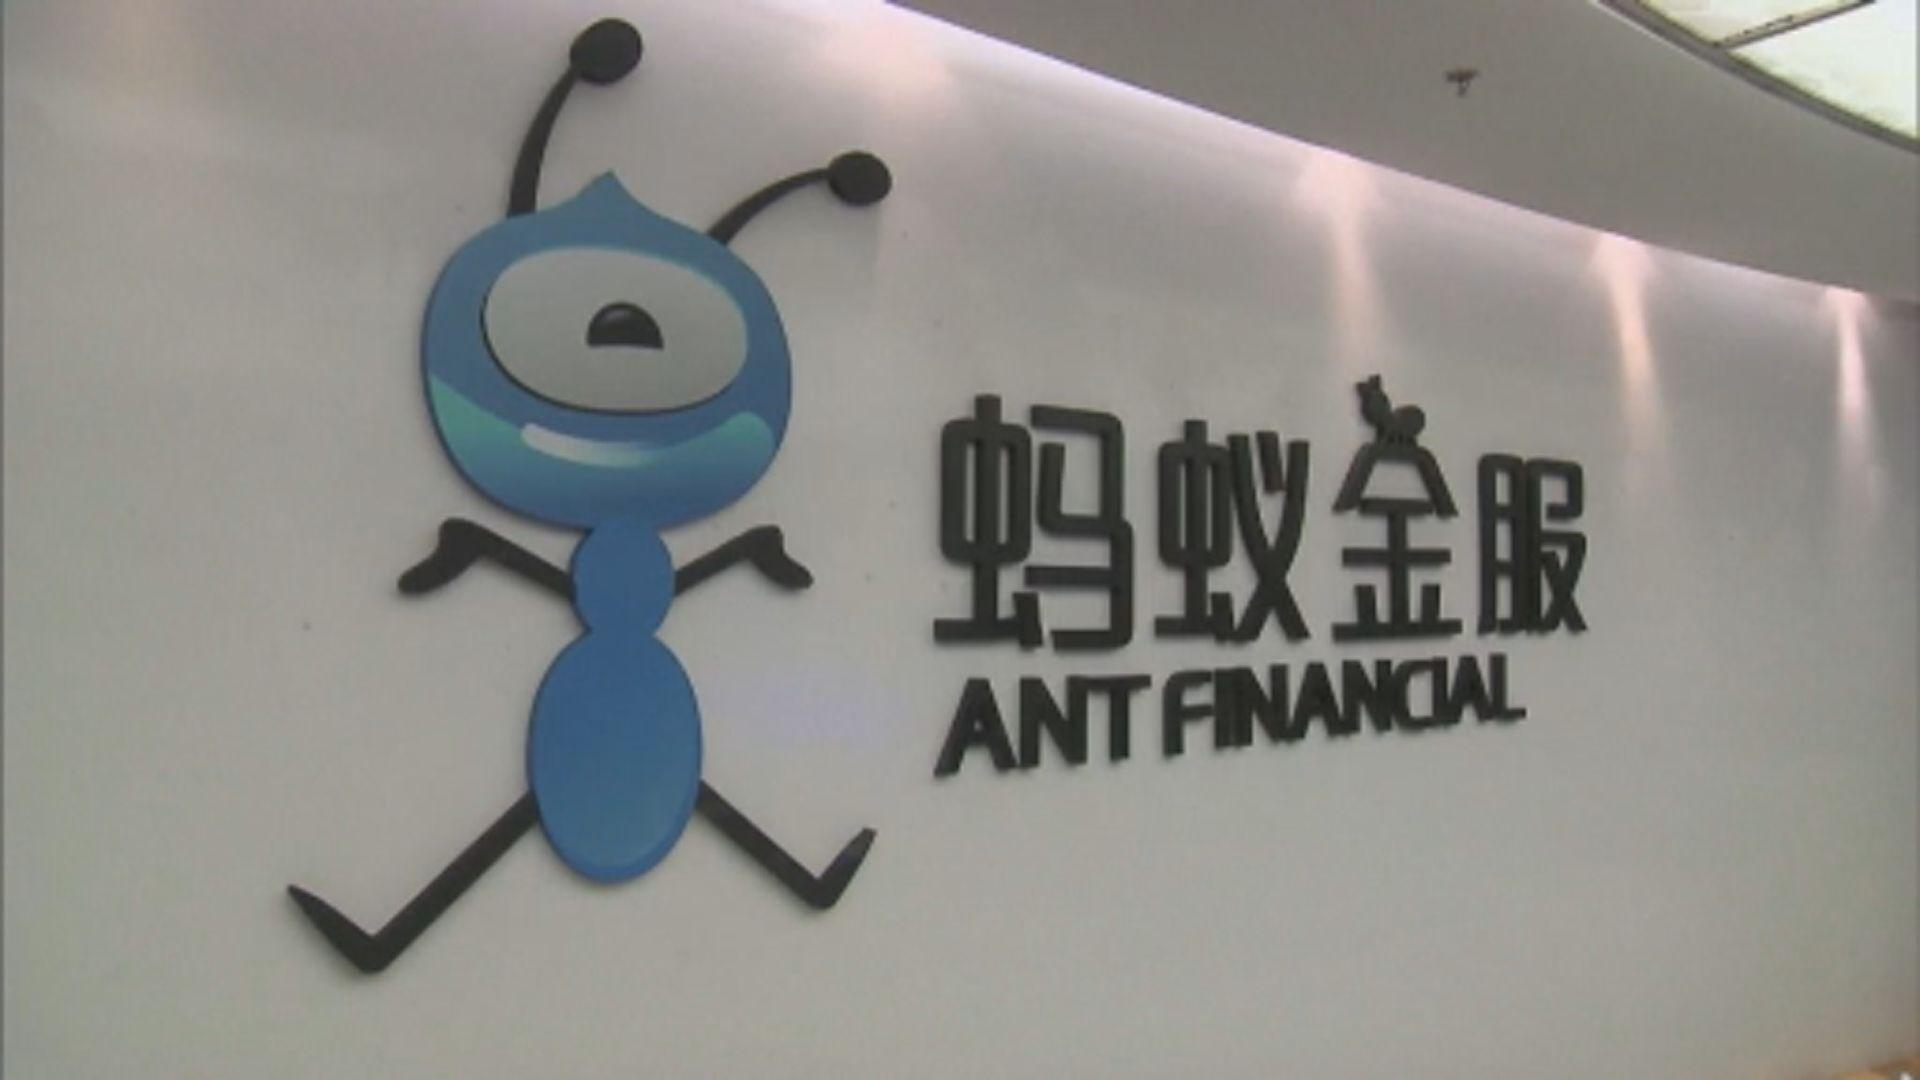 螞蟻集團暫緩上市 銀保監:冀對方可合法合規